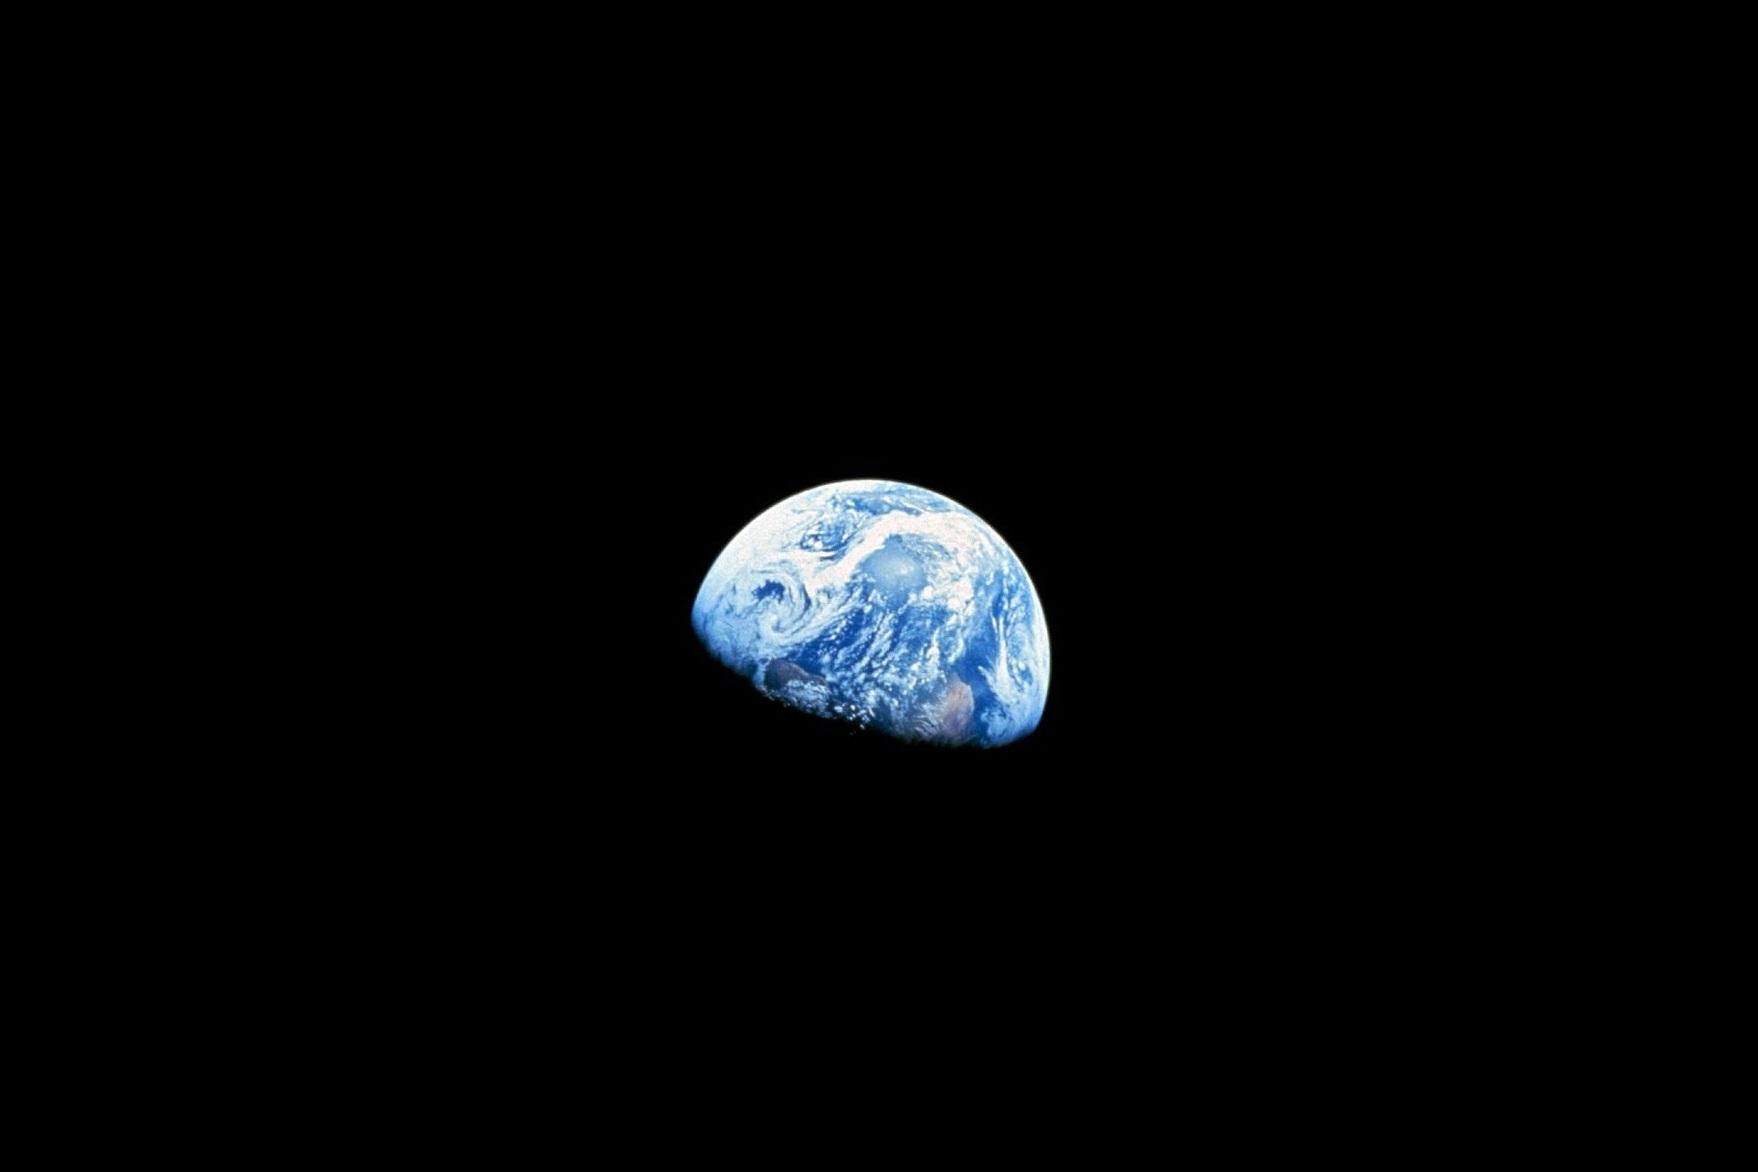 astronomy-earth-lunar-surface-87009.jpg